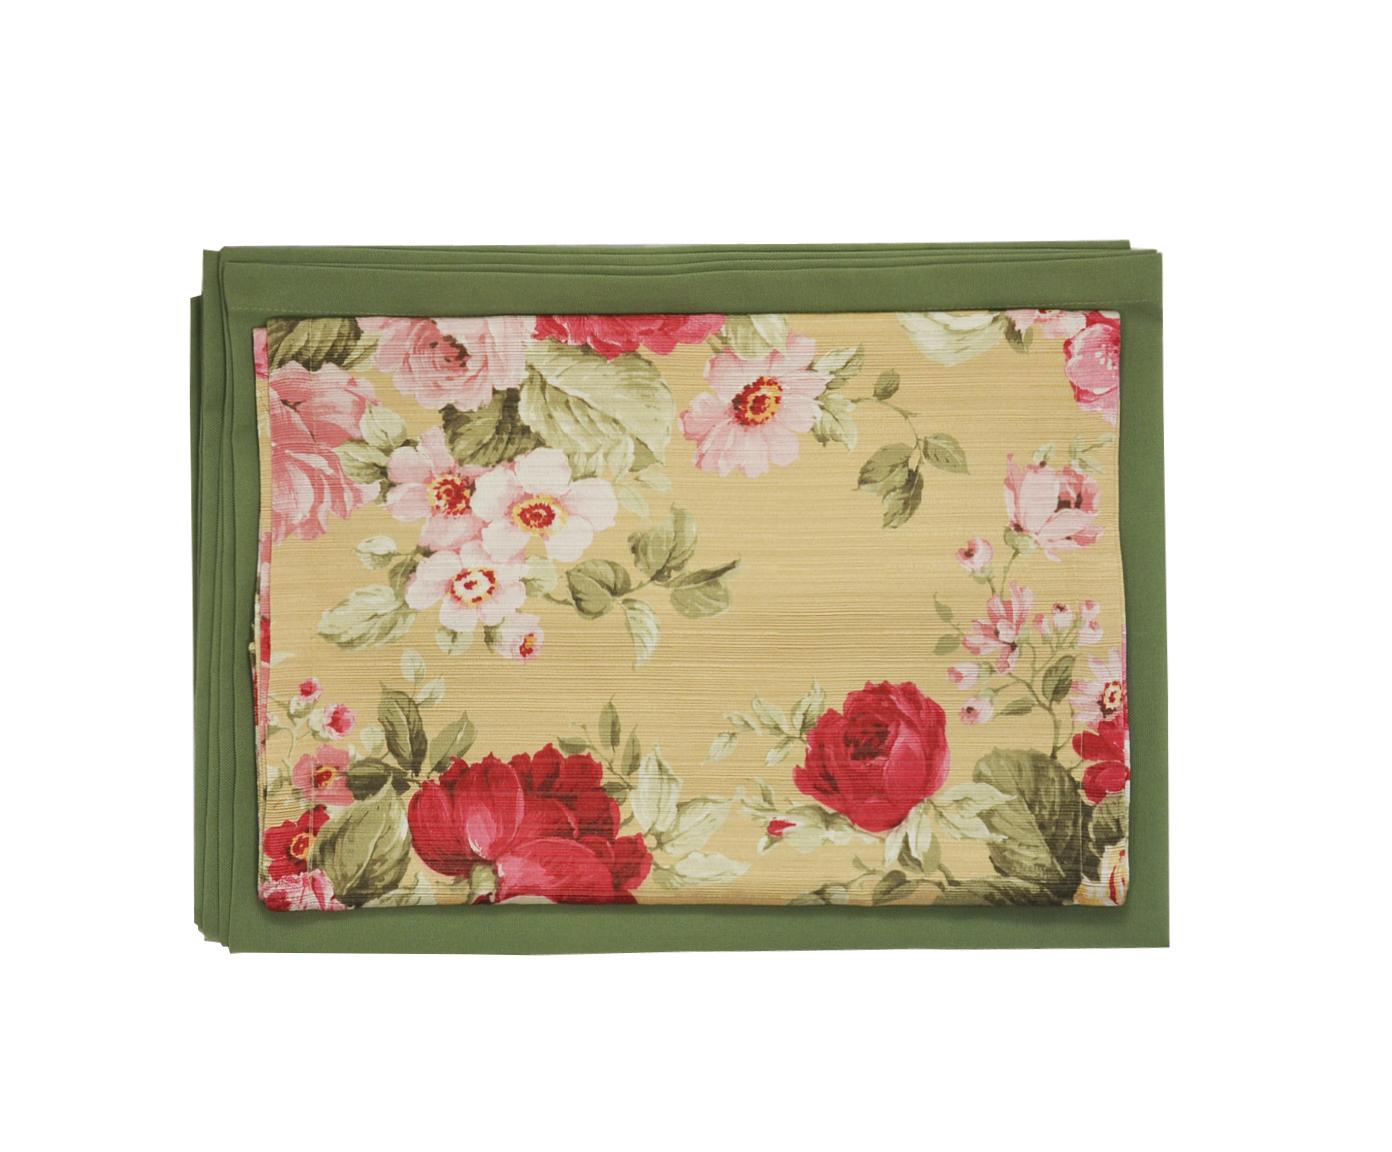 Комплект Розовый букет скатерть и дорожкаСкатерти<br><br><br>Material: Вискоза<br>Length см: 180<br>Width см: 130